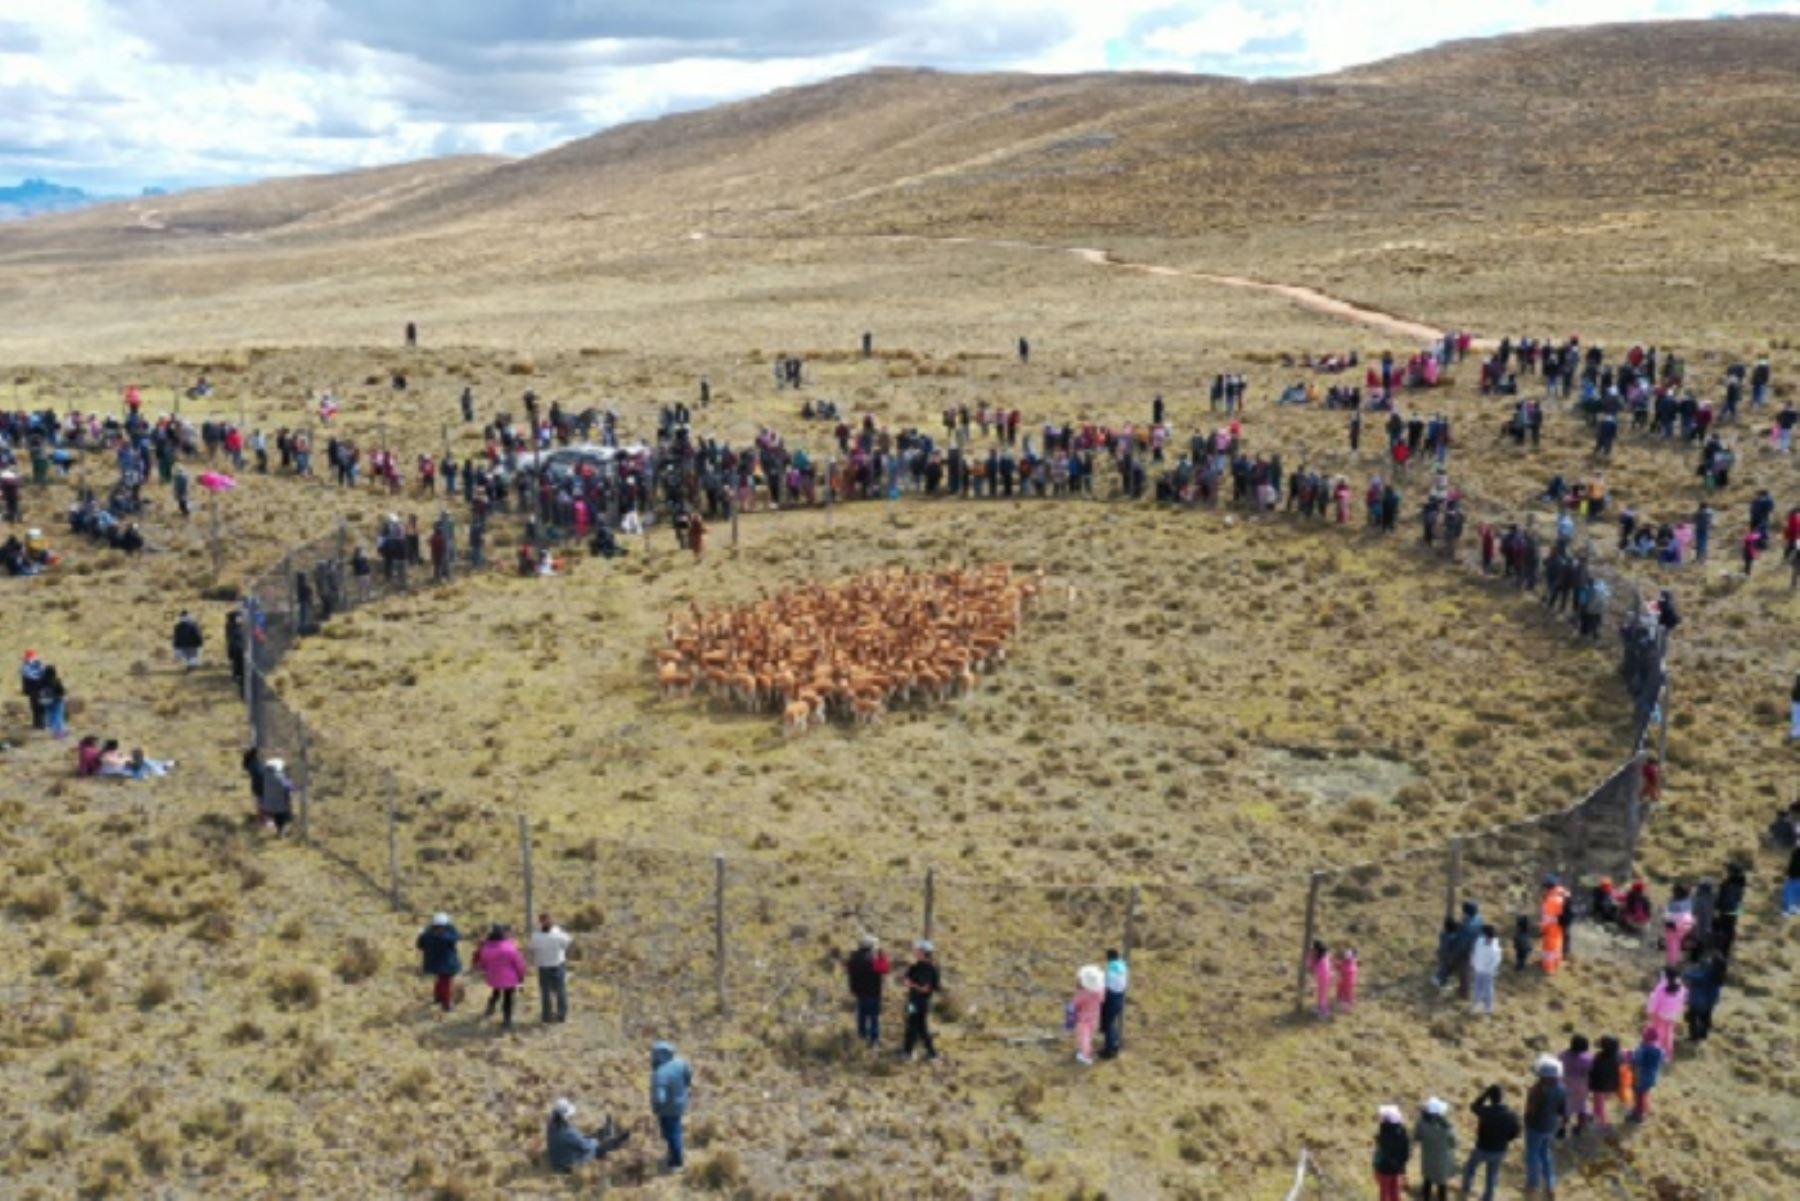 Aproximadamente 250 vicuñas fueron esquiladas a fin de extraer su fibra, una de las más finas del mundo. Al  final de la jornada se obtuvieron 130 vellones de vicuñas y un promedio de 22 kilos de fibra.